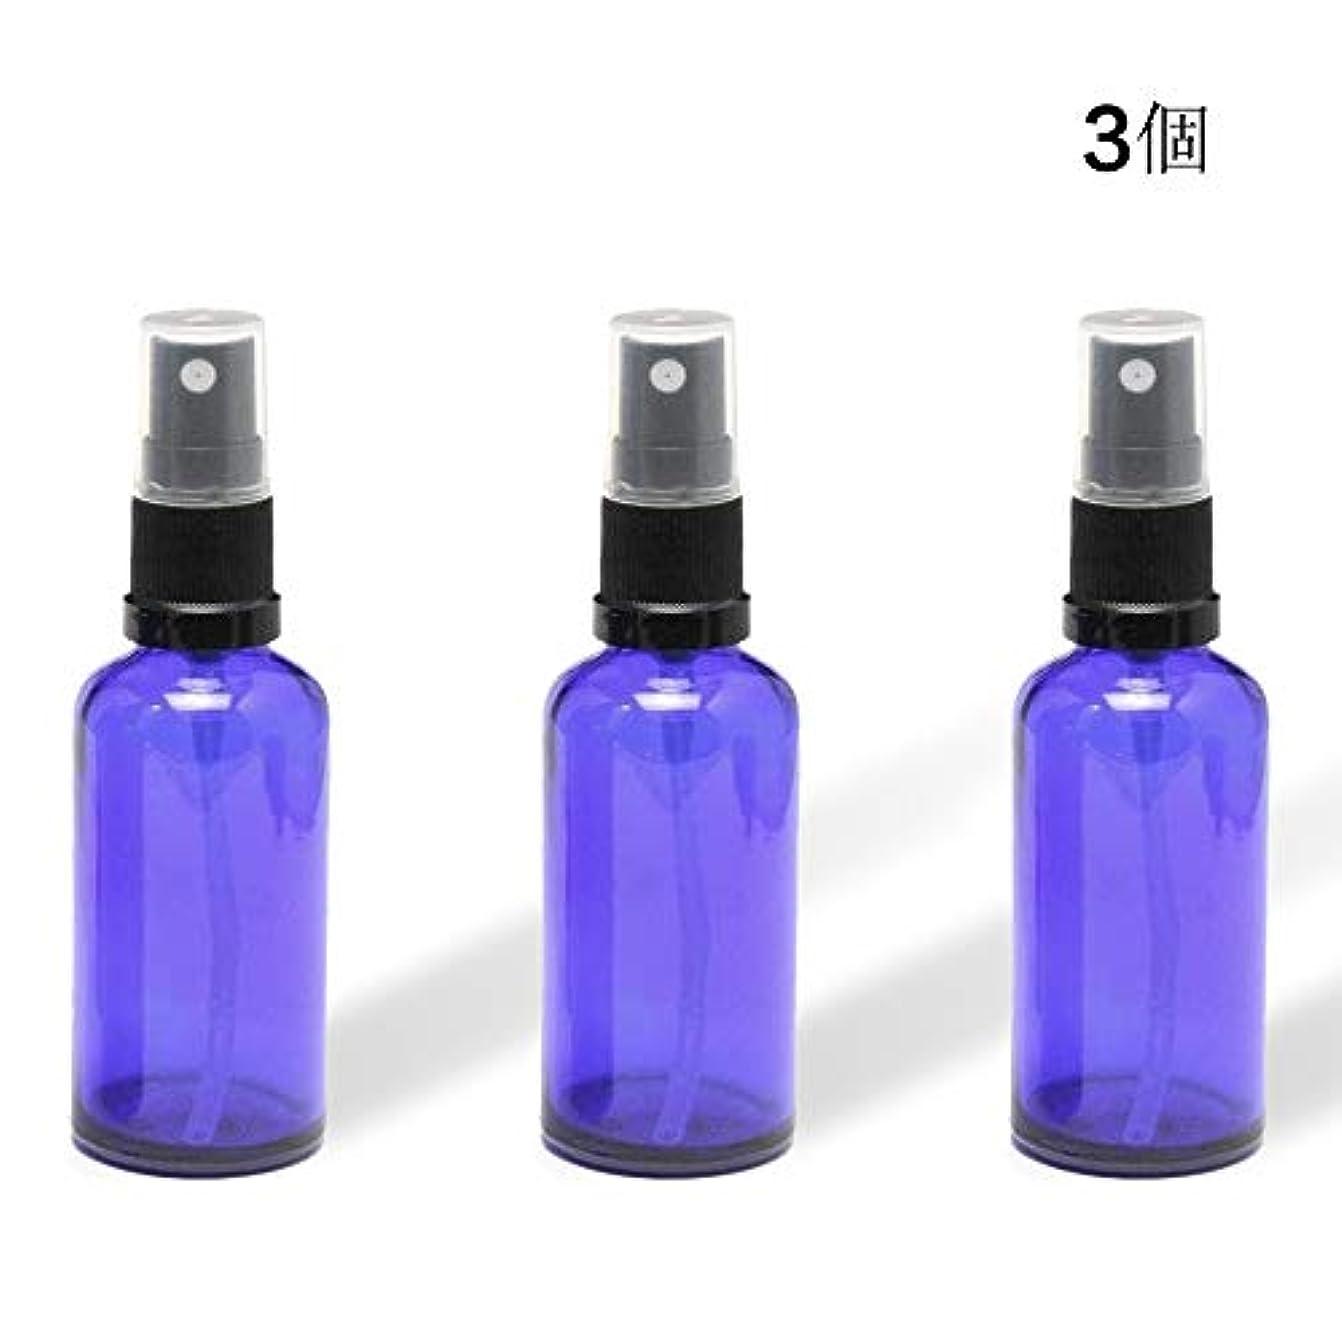 靴石鹸頑丈遮光瓶/スプレーボトル (アトマイザー) 50ml ブルー/ブラックヘッド 3本セット